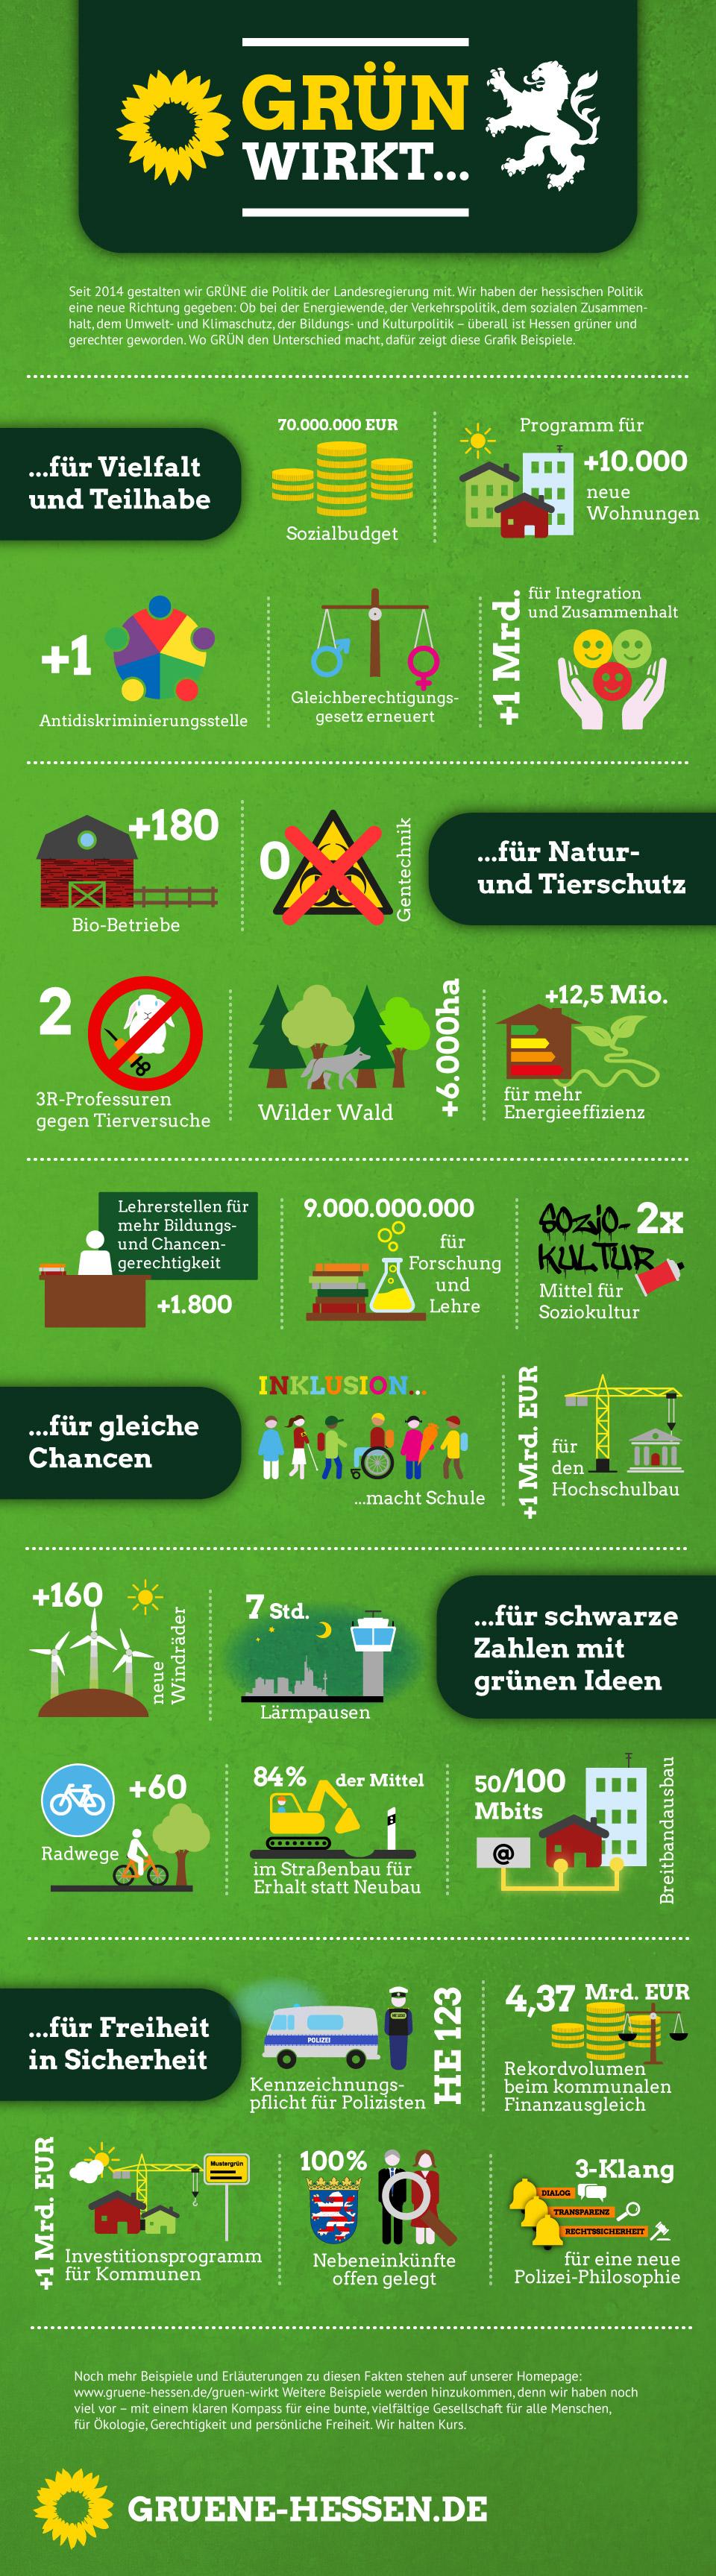 Infografik - Beispiele wie GRÜN in zweieinhalb Jahren Regierungsbeteiligung gewirkt hat.